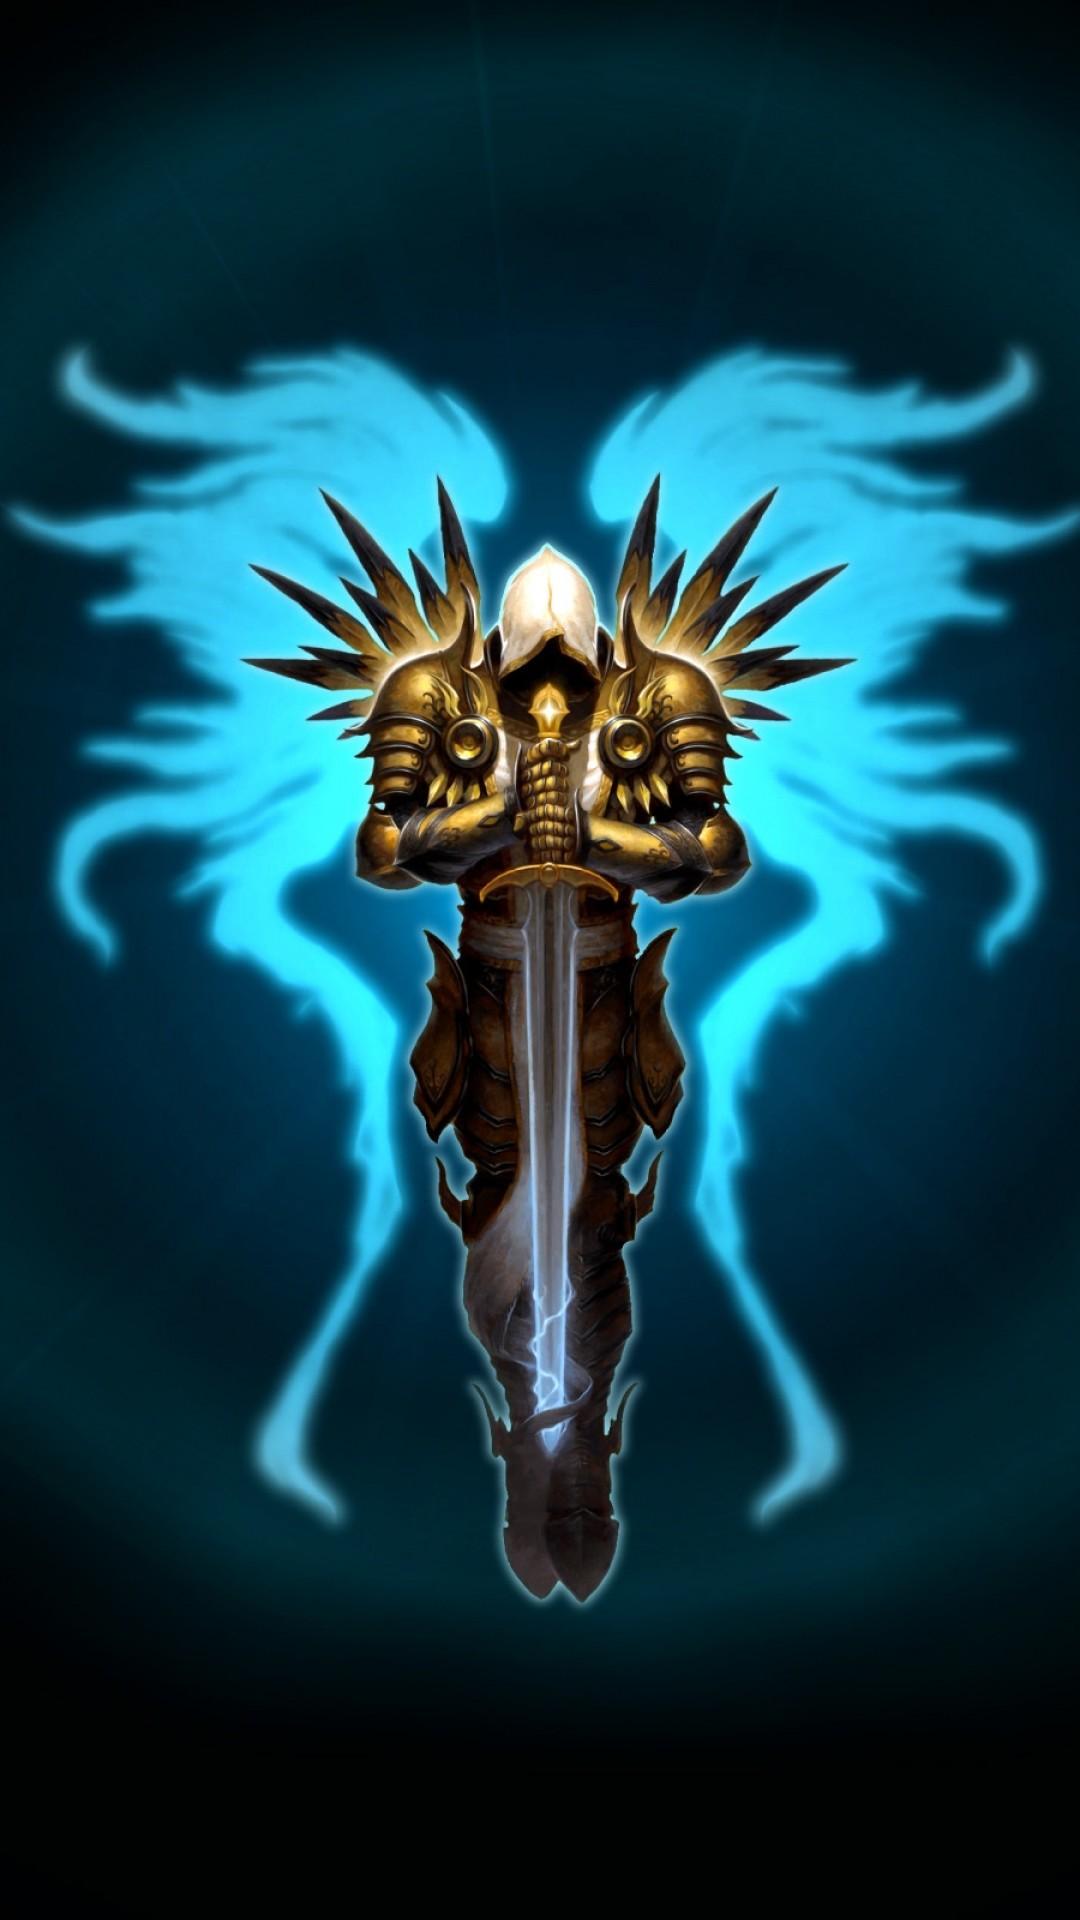 Preview wallpaper diablo 3, tyrael, wings, sword, game 1080×1920